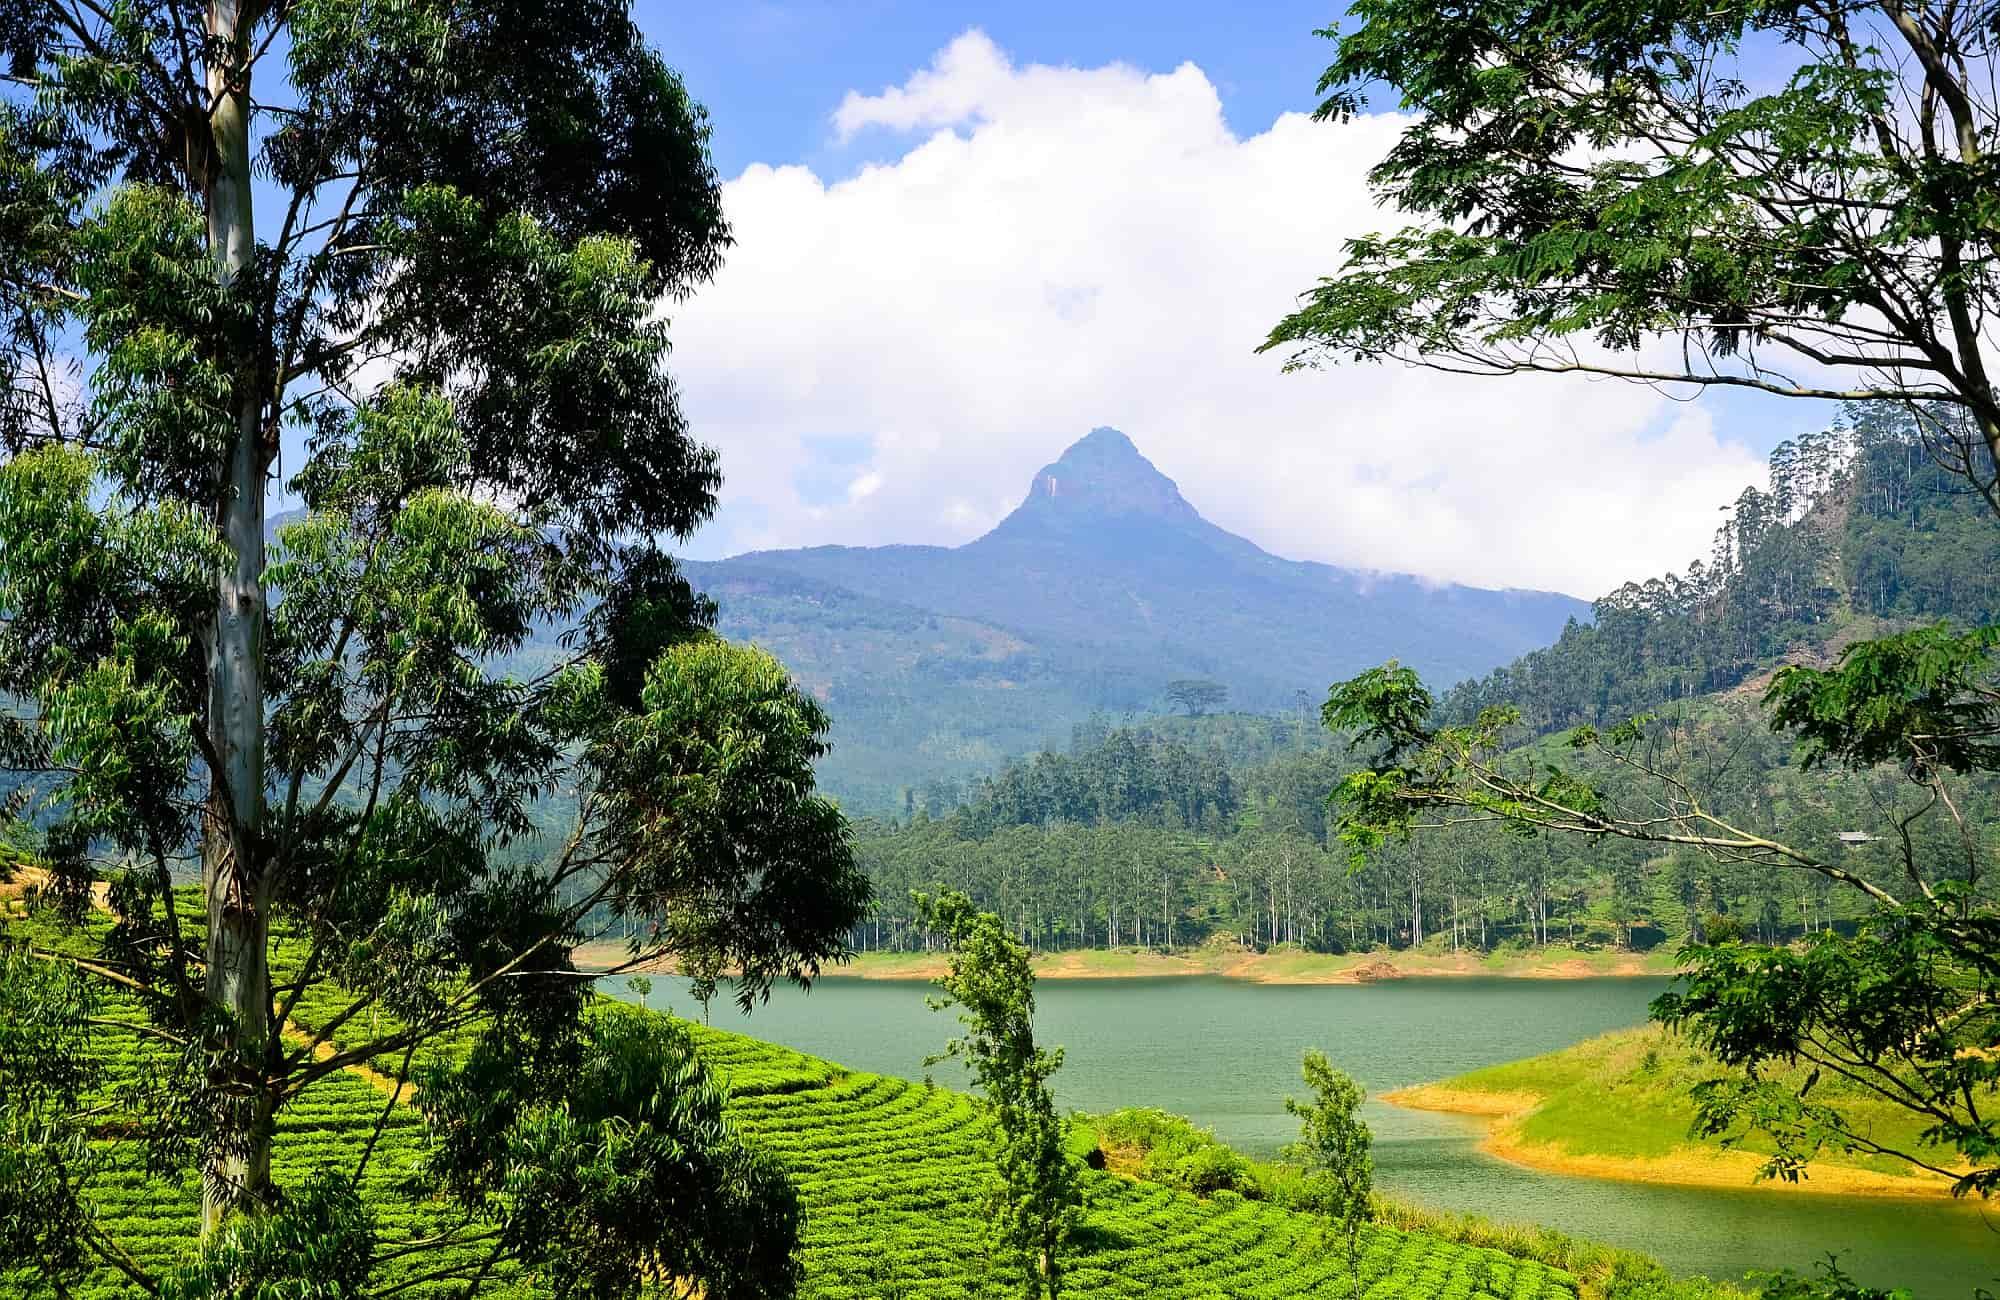 Voyage Sri-Lanka - Les rizières du Sri-Lanka - Amplitudes